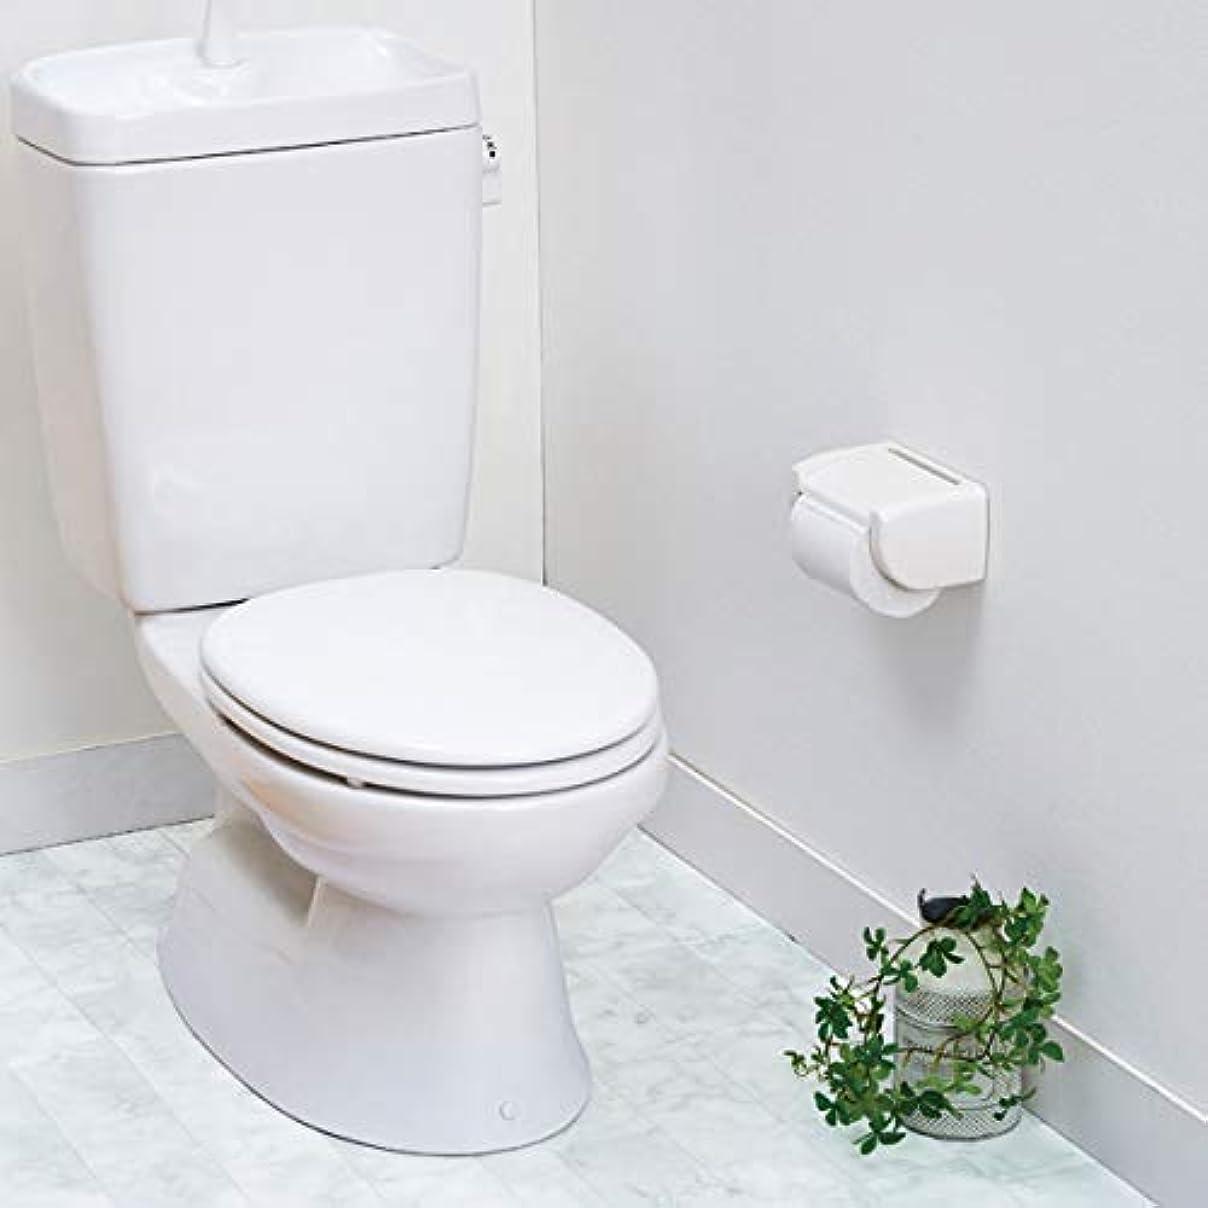 ドールギャザーいうトイレ床模様替えシート 大理石柄 床模様替え リフォーム 防汚 トイレ床 リメイクシート フロアシート